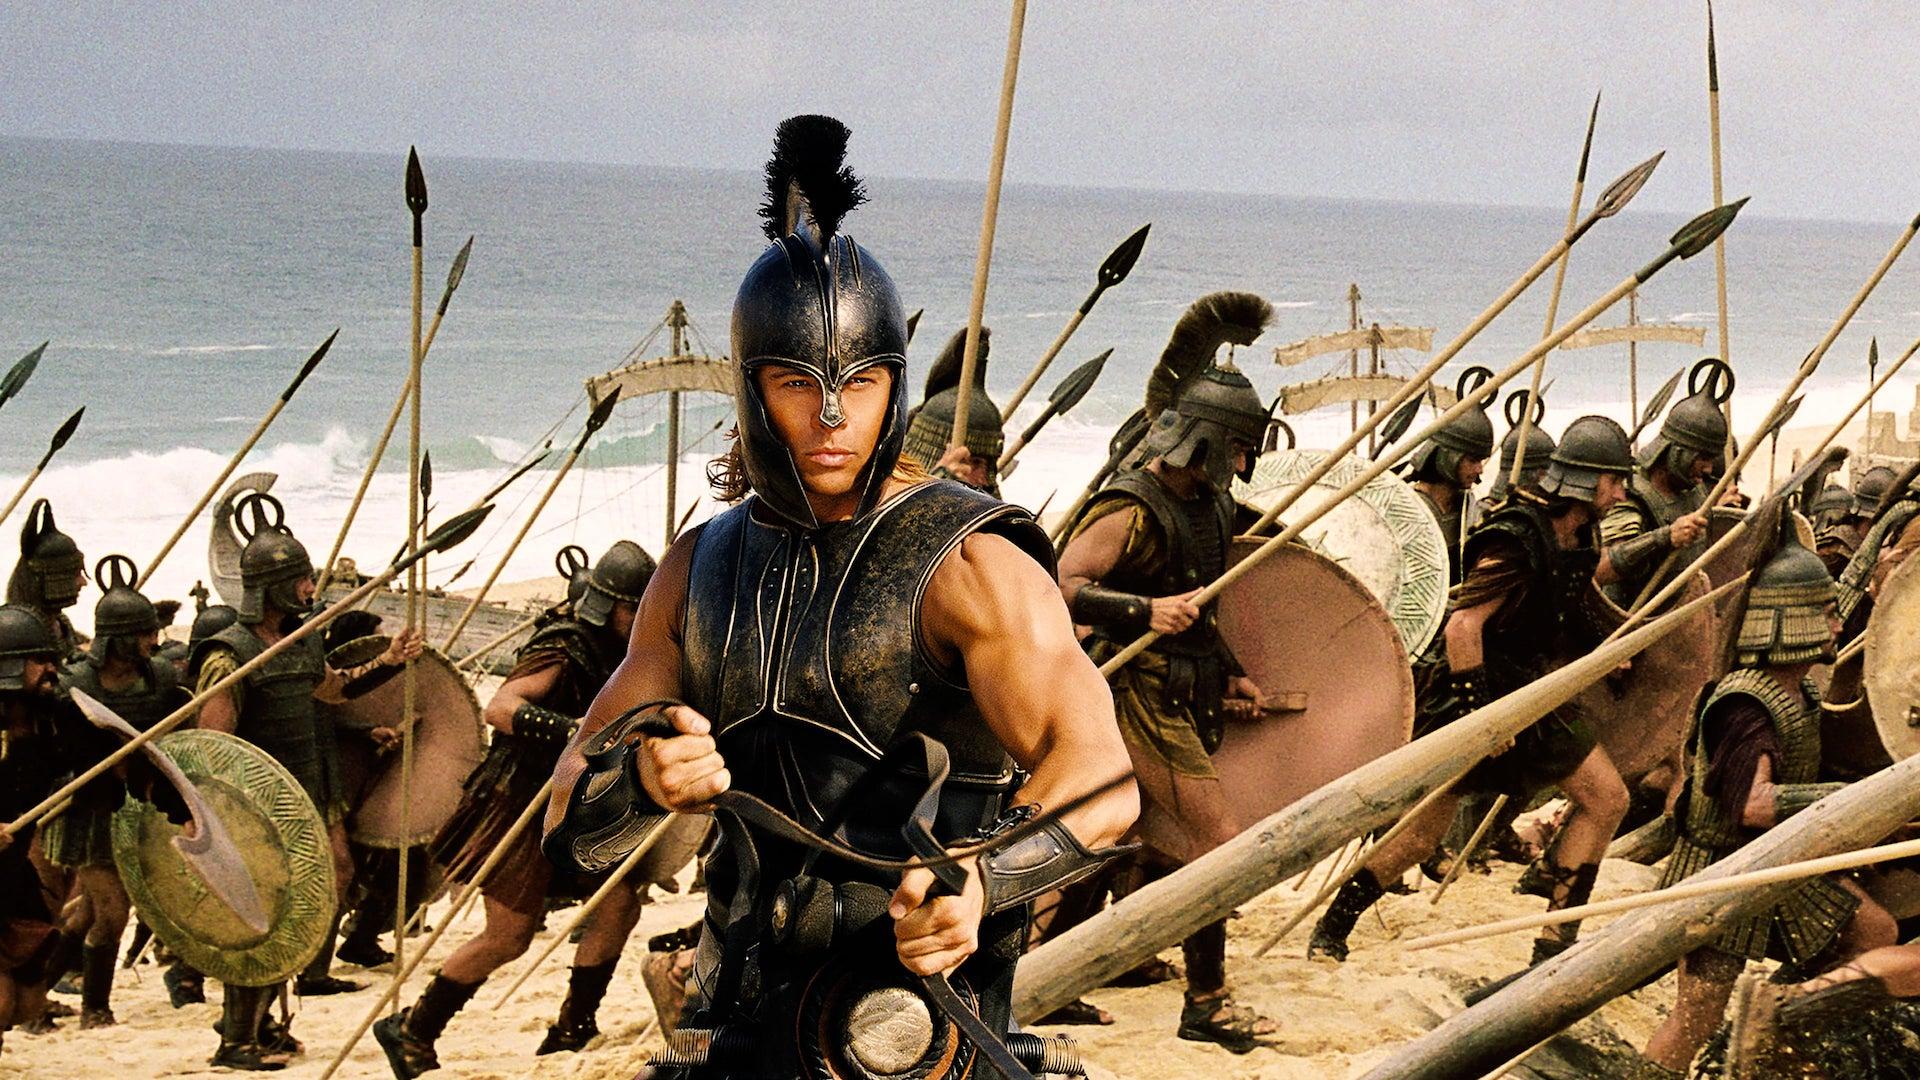 Movies Like Troy